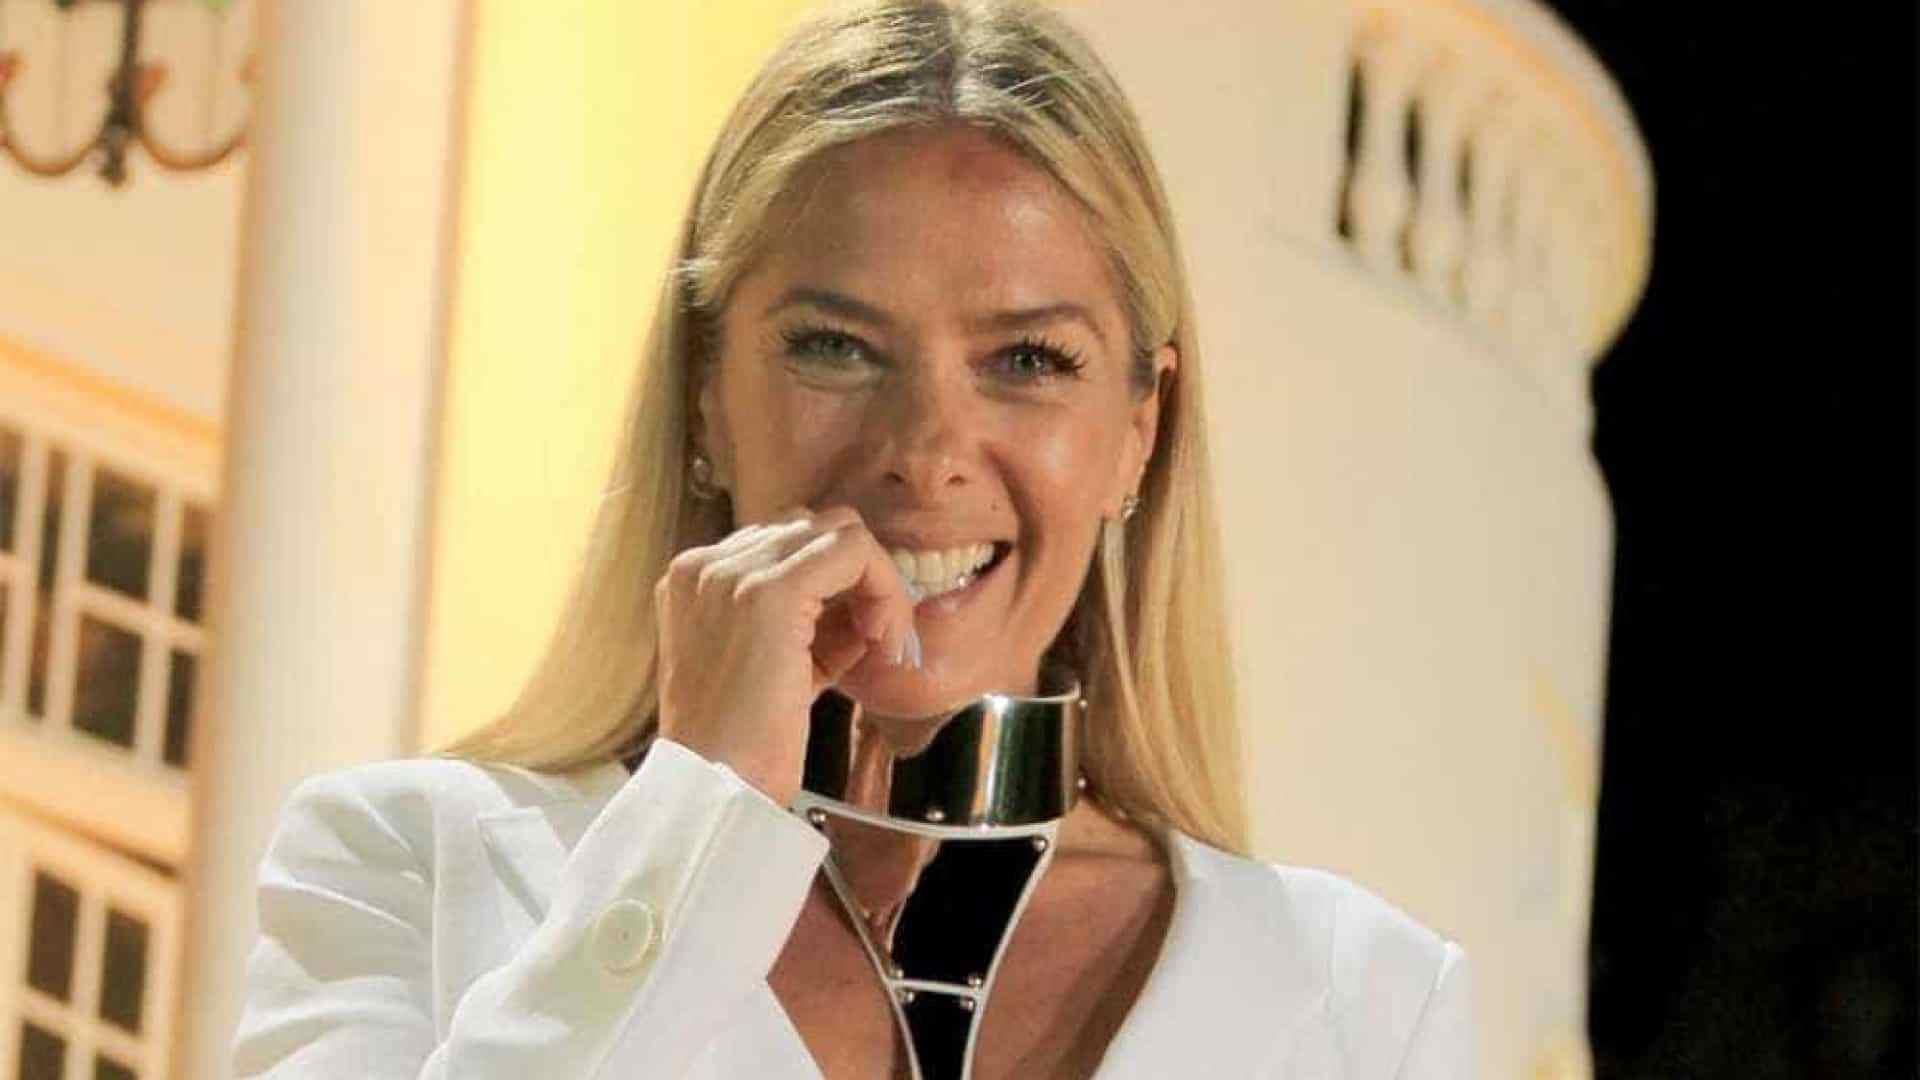 Adriane Galisteu, que atualmente apresenta o Power Couple Brasil, foi definida pela RecordTV como a nova apresentadora de A Fazenda, segundo informações do jornalista Flávio Ricco.